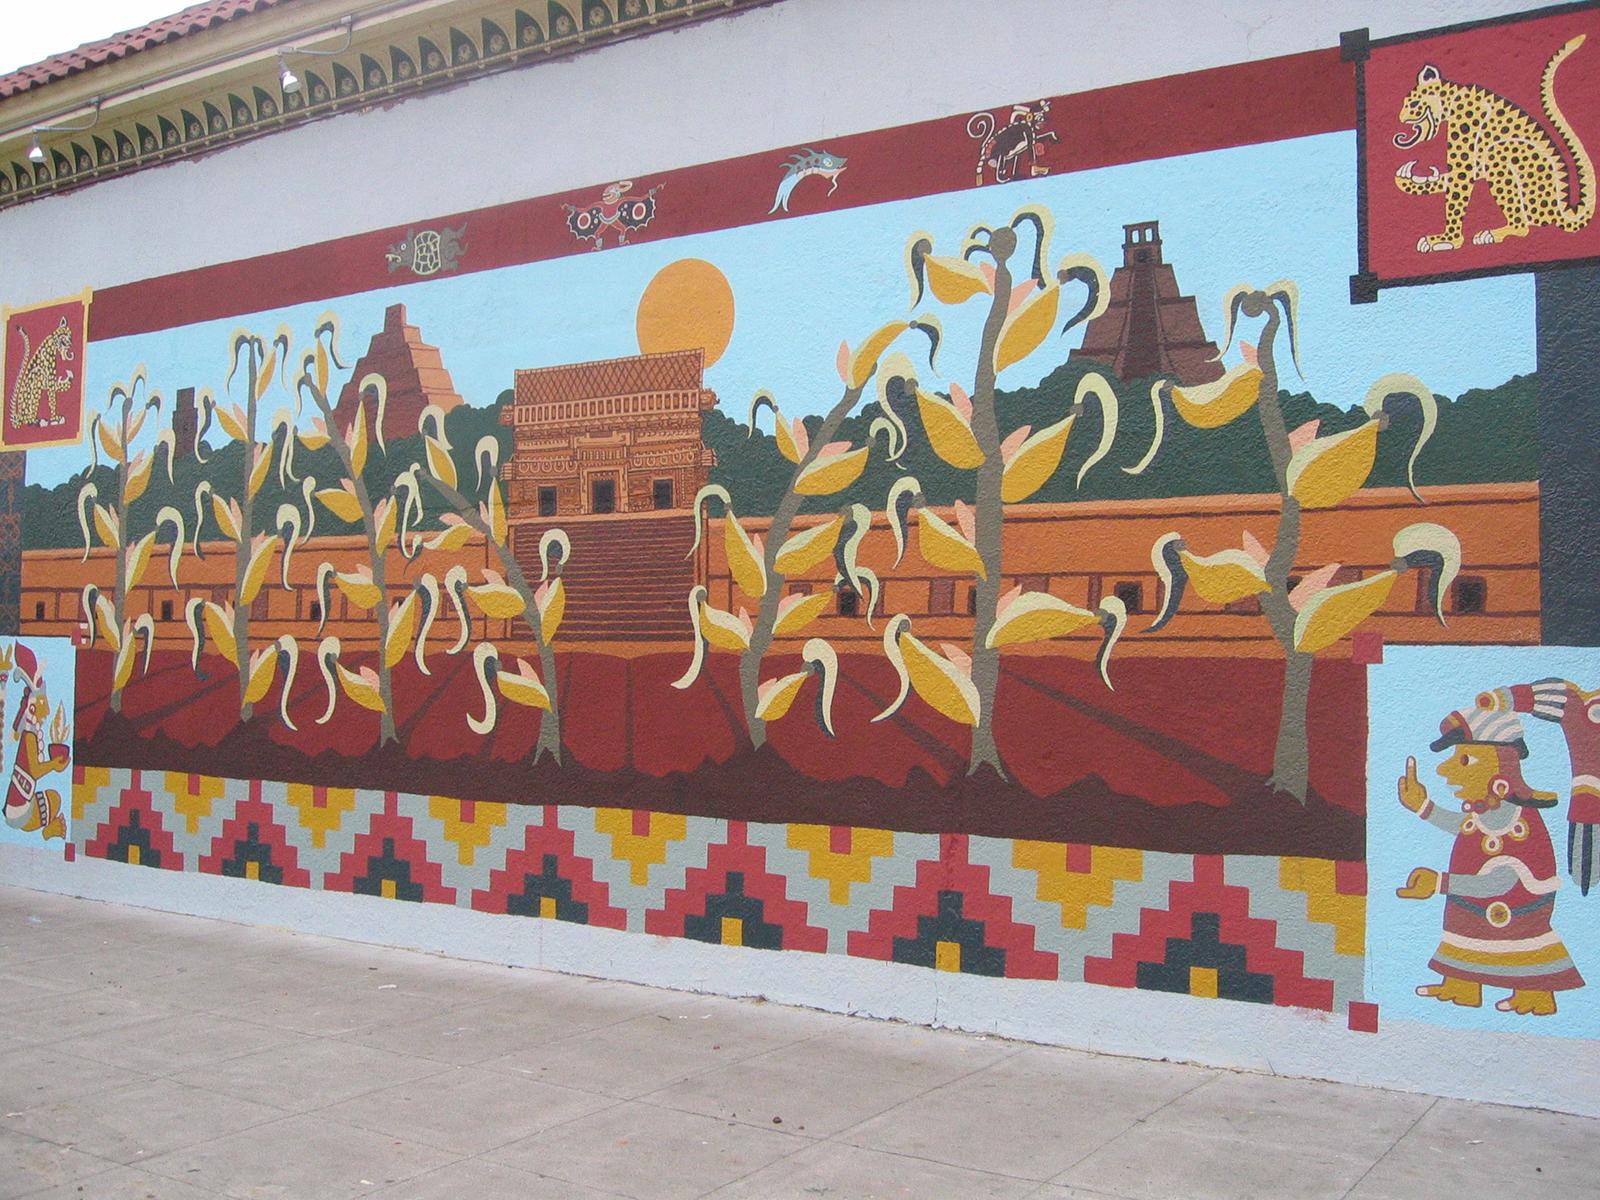 Mural at La Palma Mexicatessen,24th and Florida, SF, CA